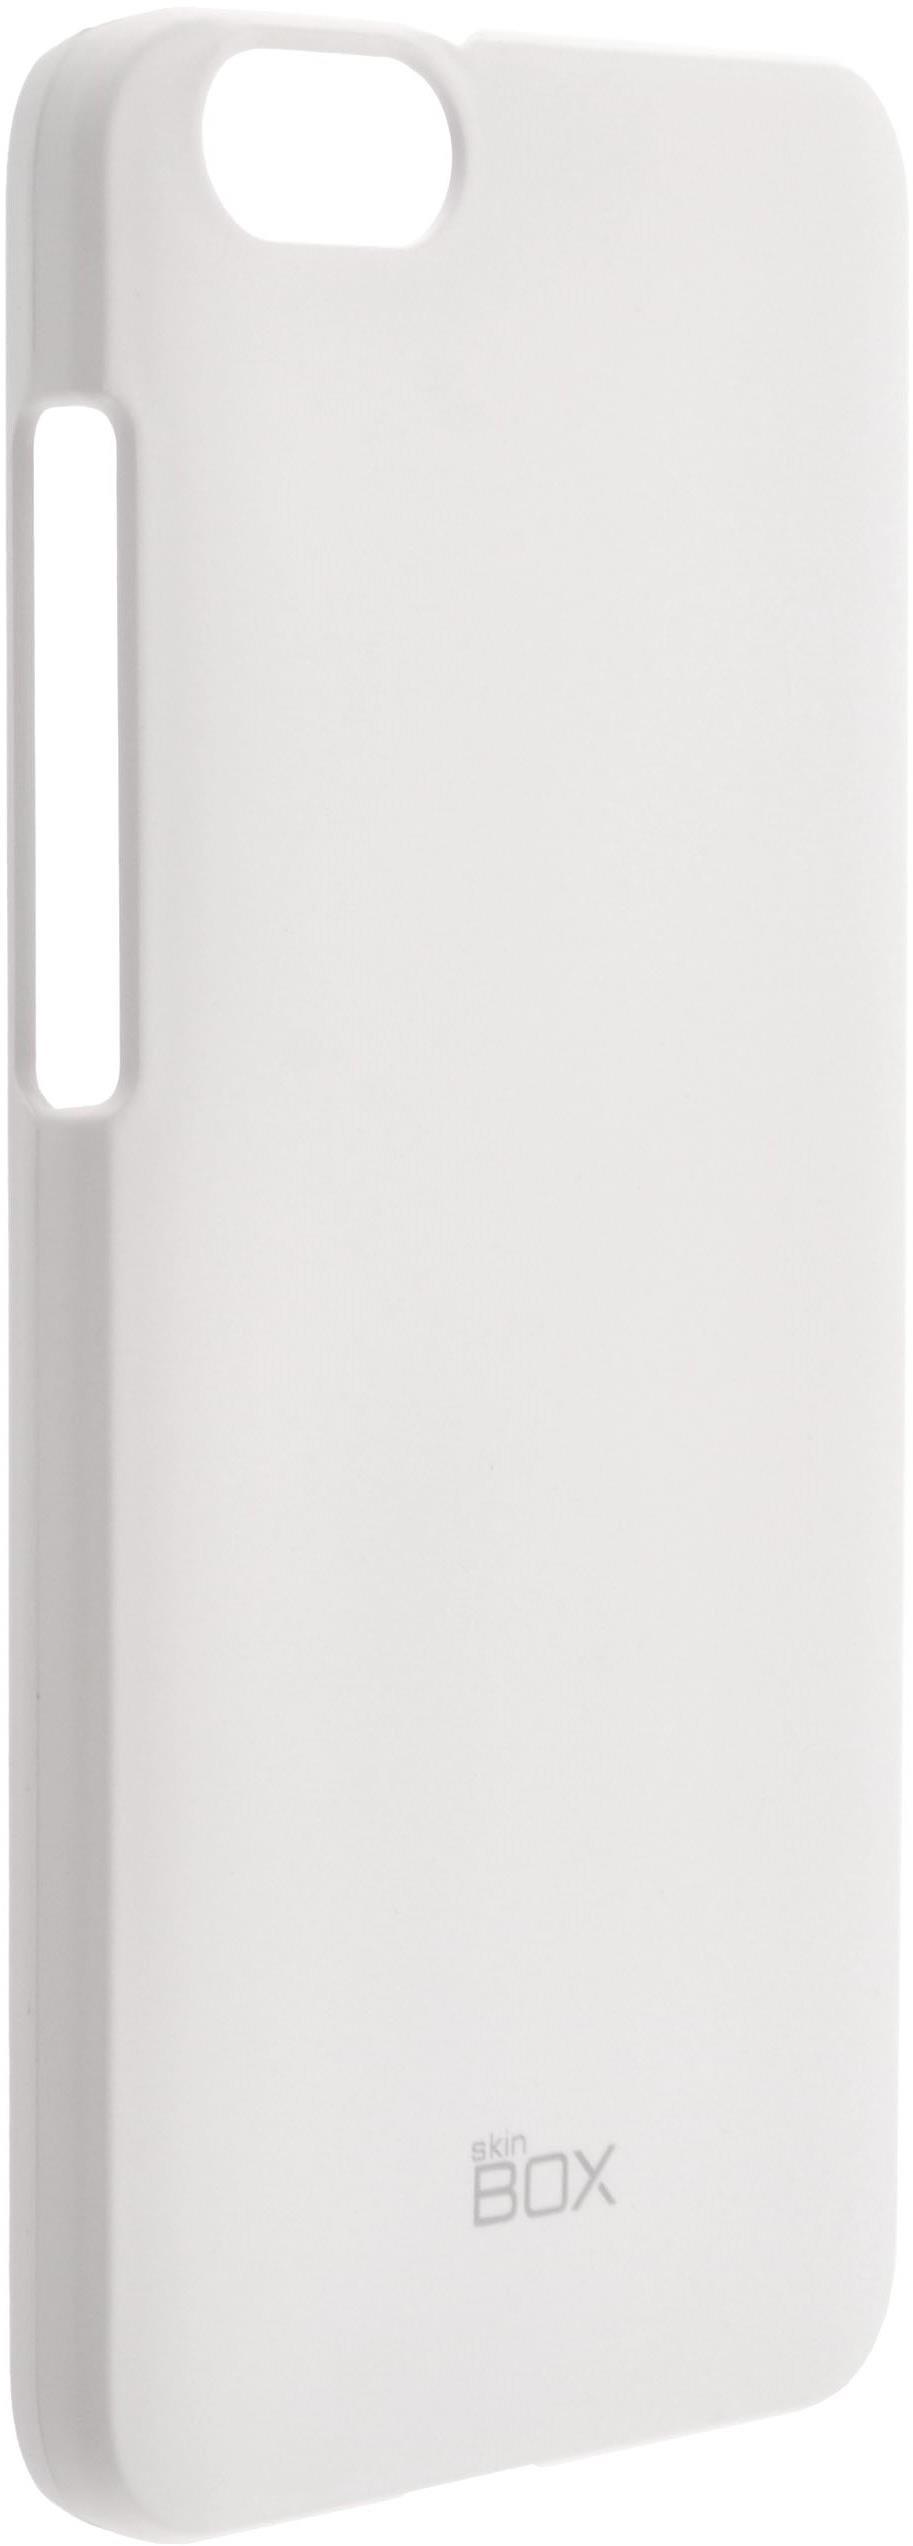 Чехол для сотового телефона skinBOX 4People, 4660041406832, белый стоимость